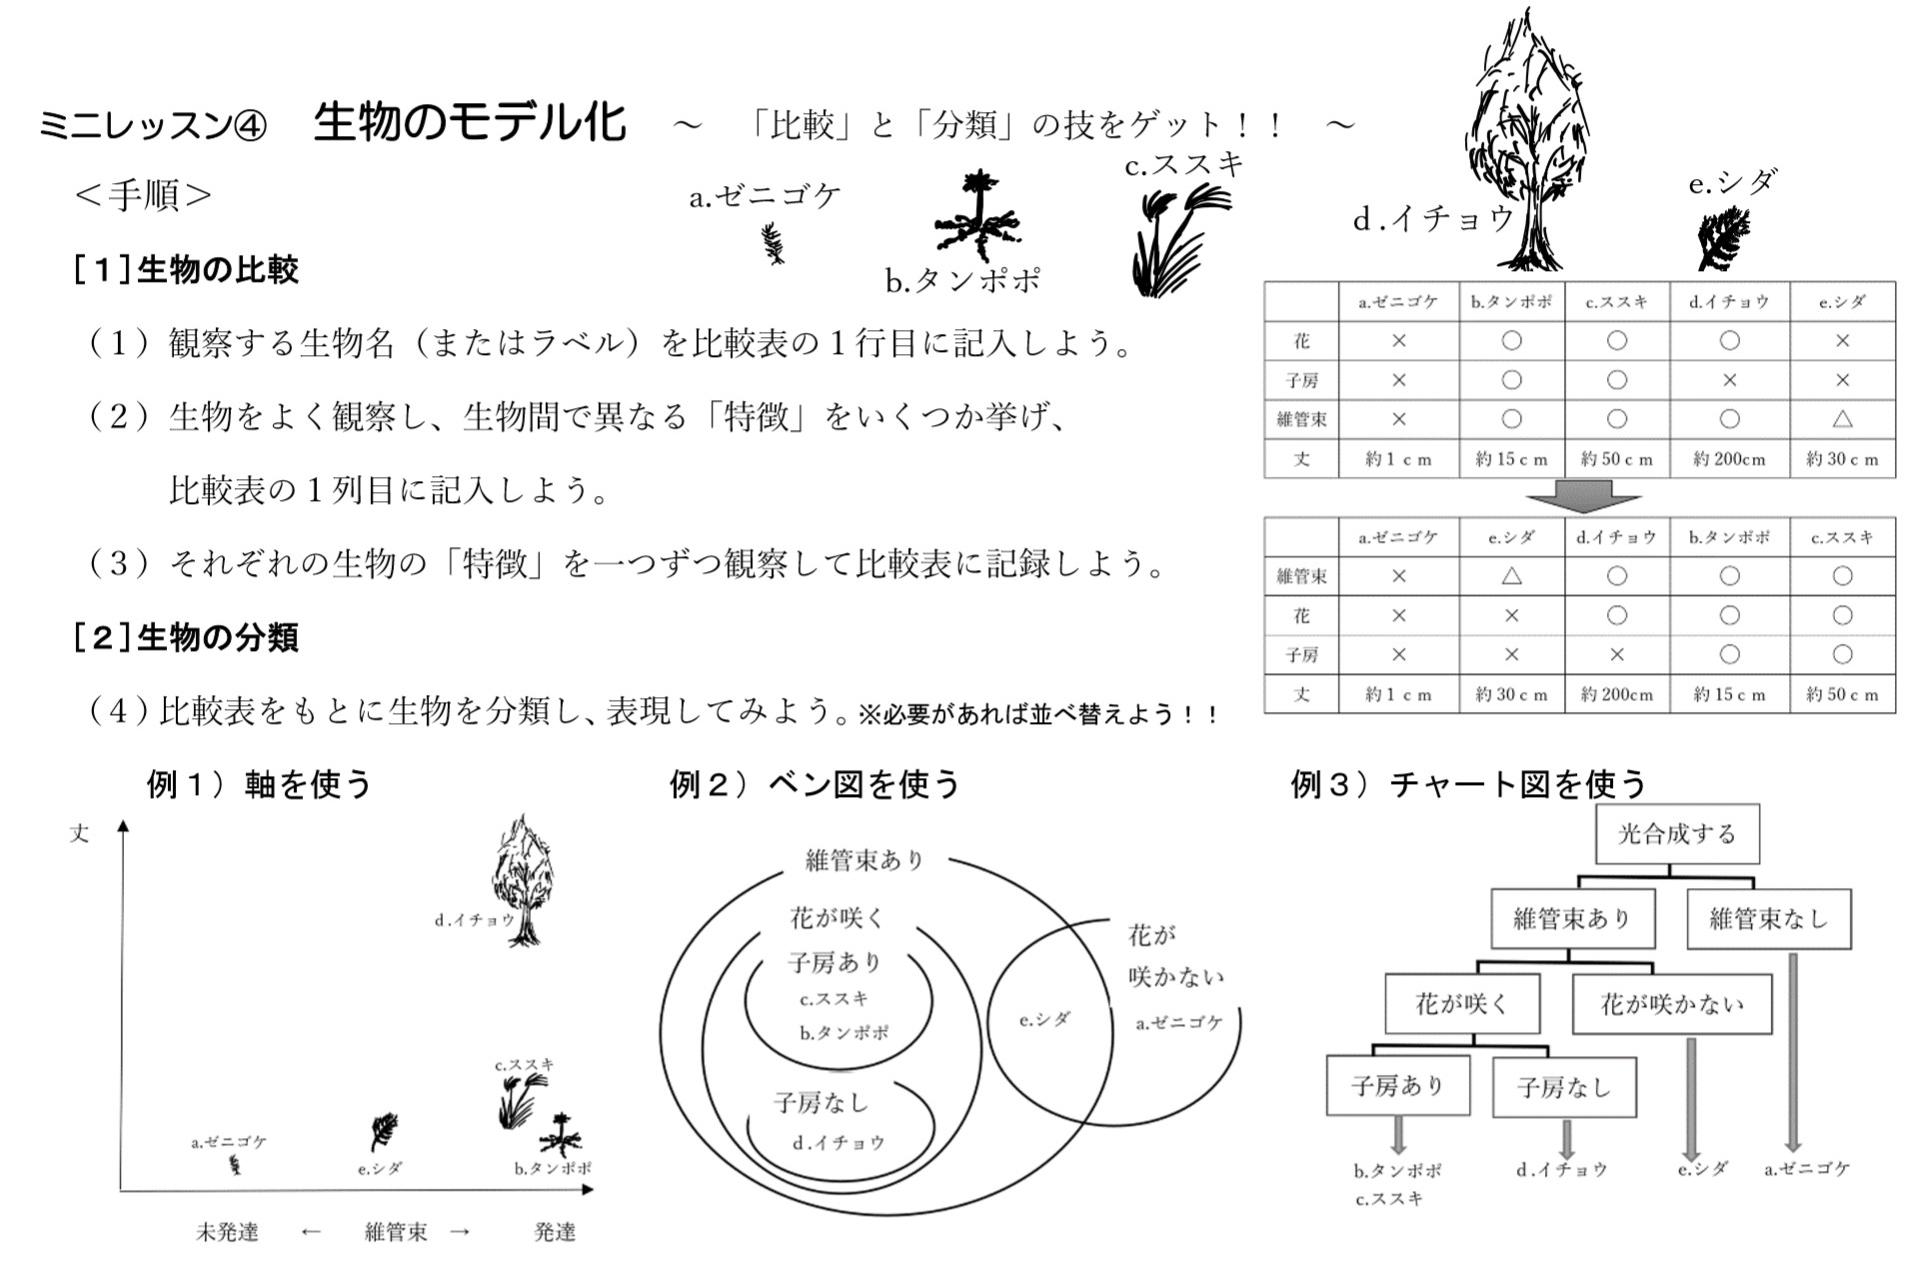 ミニレッスン 生物のモデル化